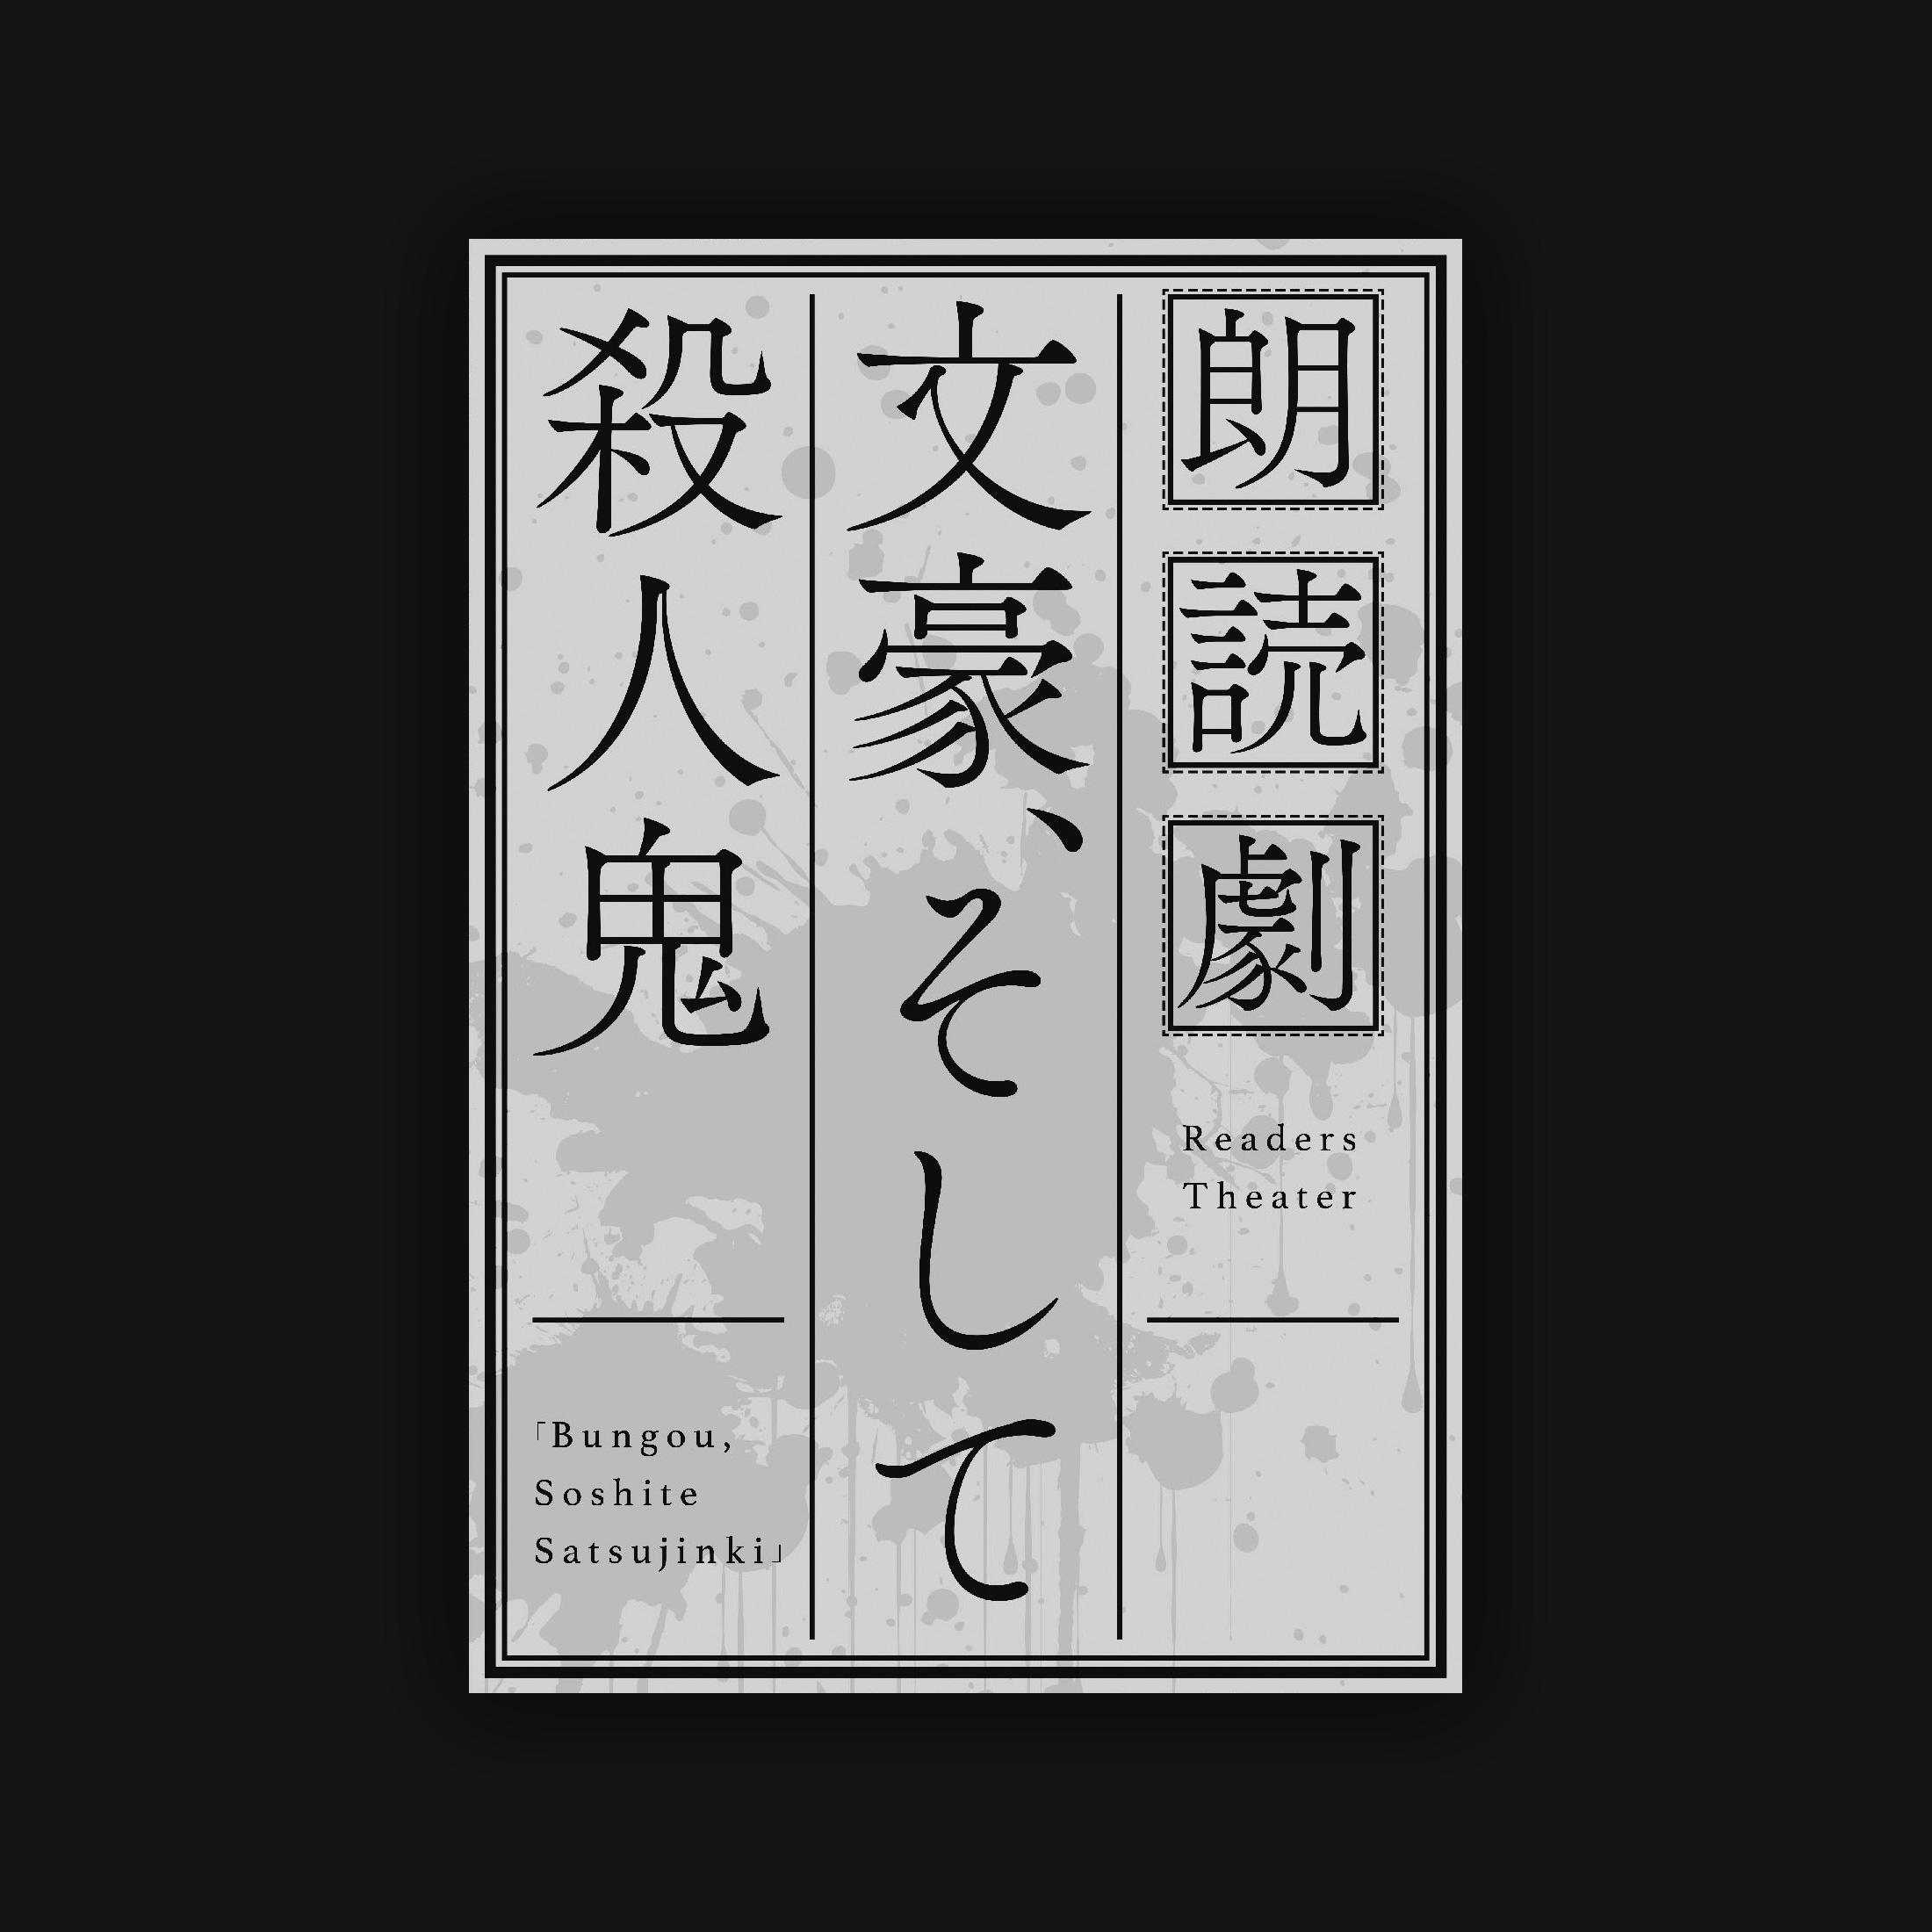 オリジナル朗読劇「文豪、そして殺人鬼」12月8日公演 夜公演